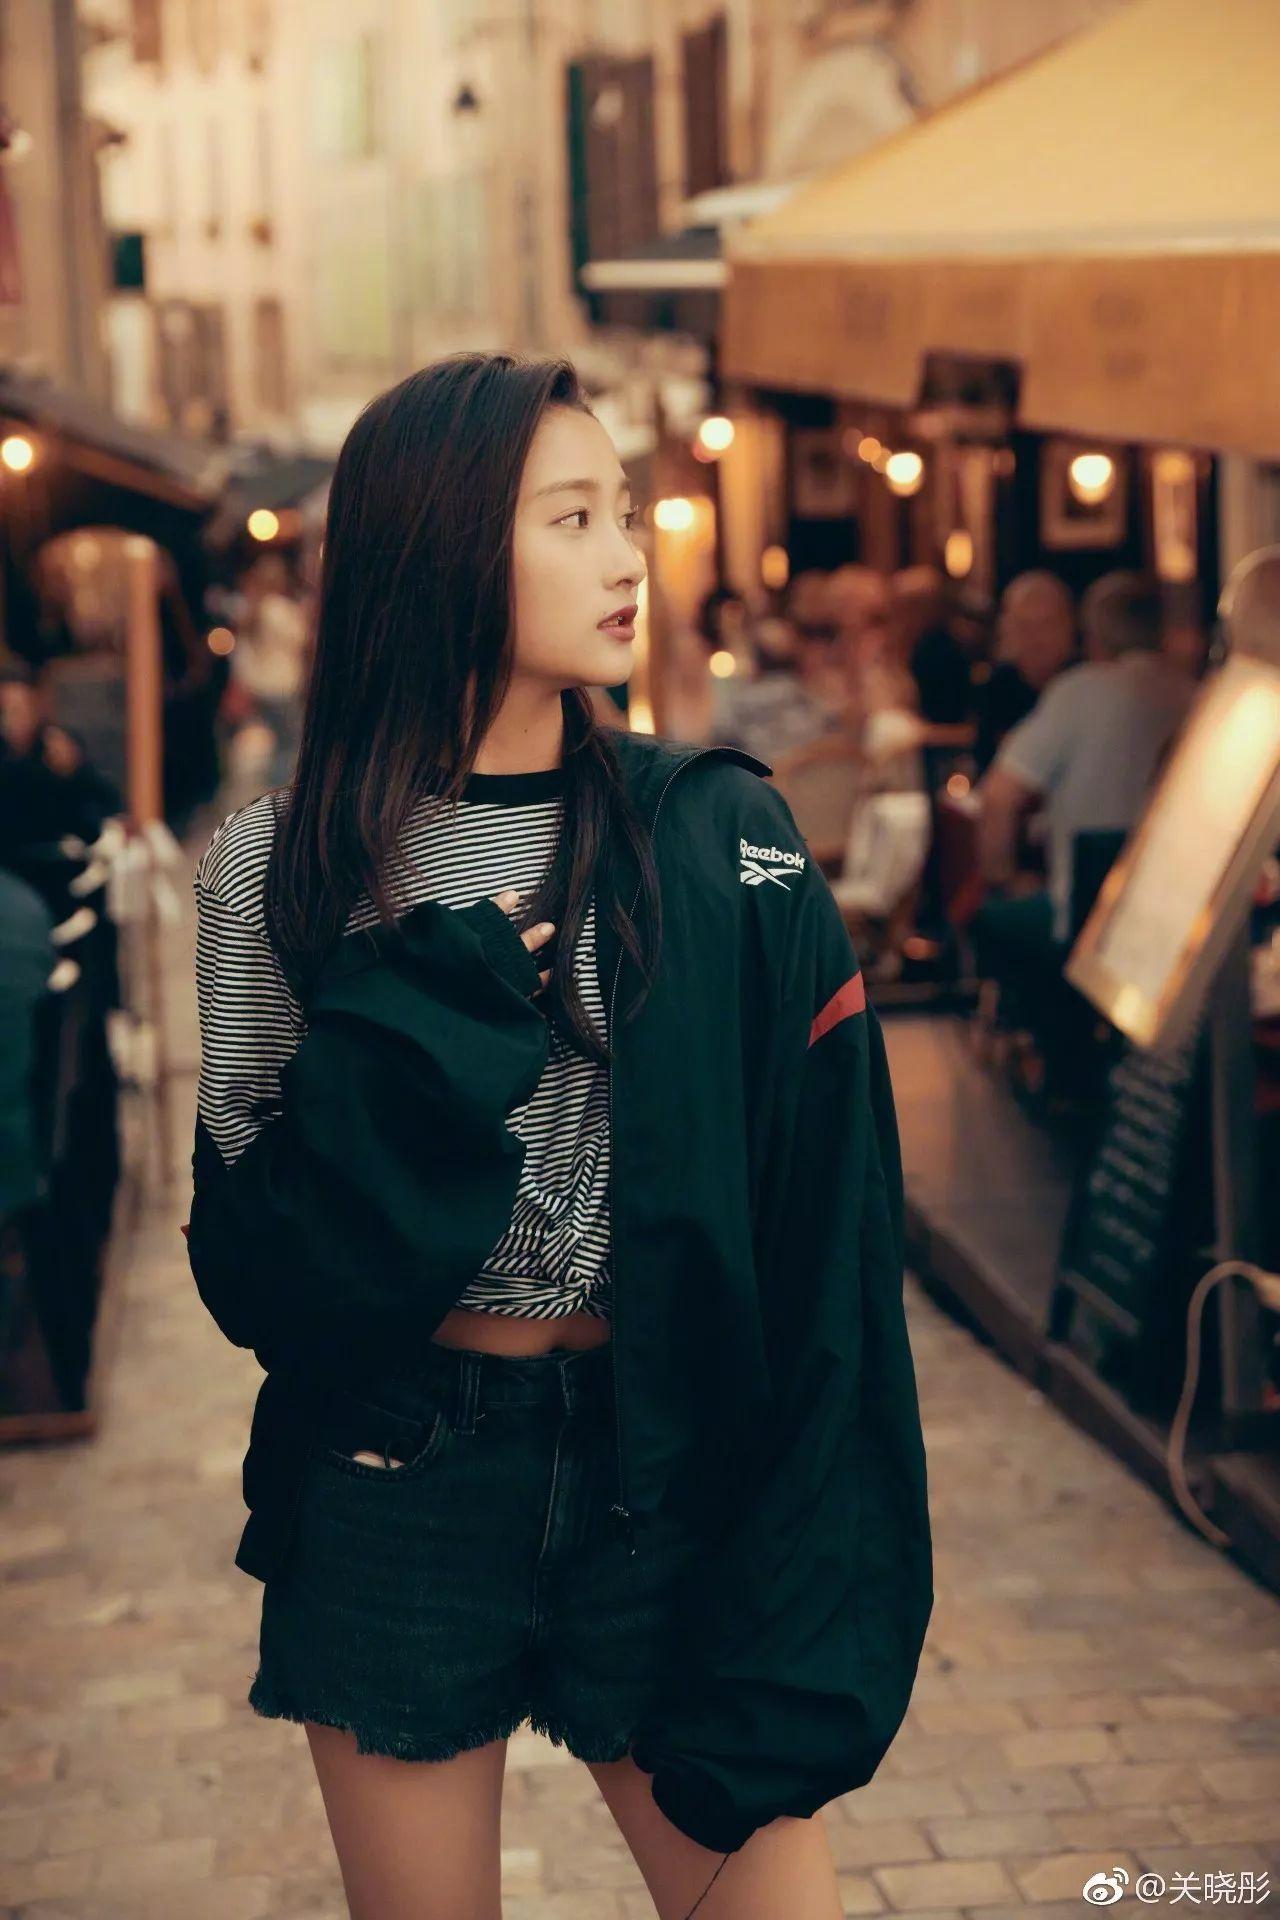 壁池|大家好,给大家介绍一下,这是你老公的女朋友@关晓彤